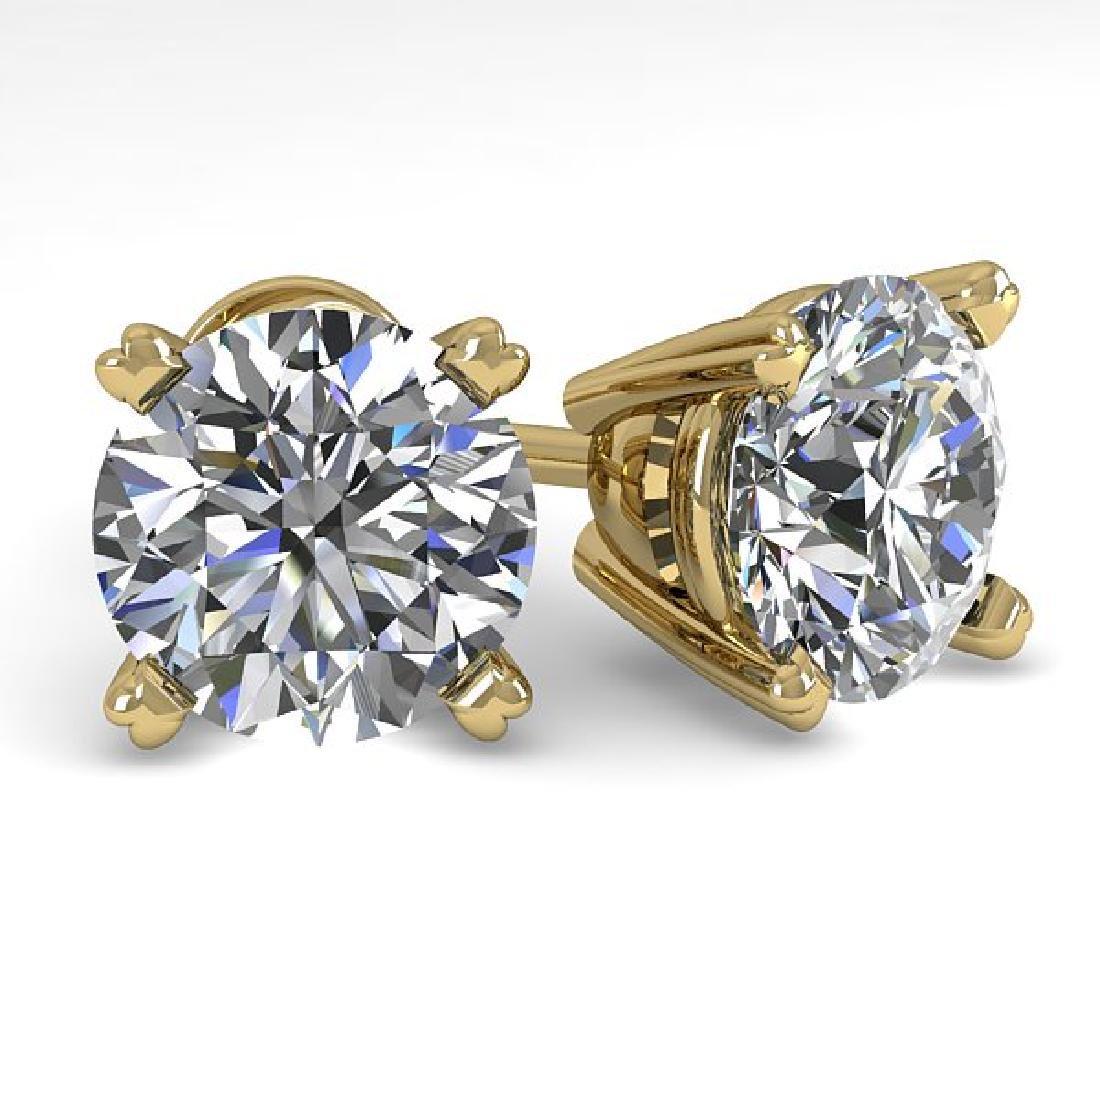 3 CTW Certified VS/SI Diamond Stud Earrings 14K Yellow